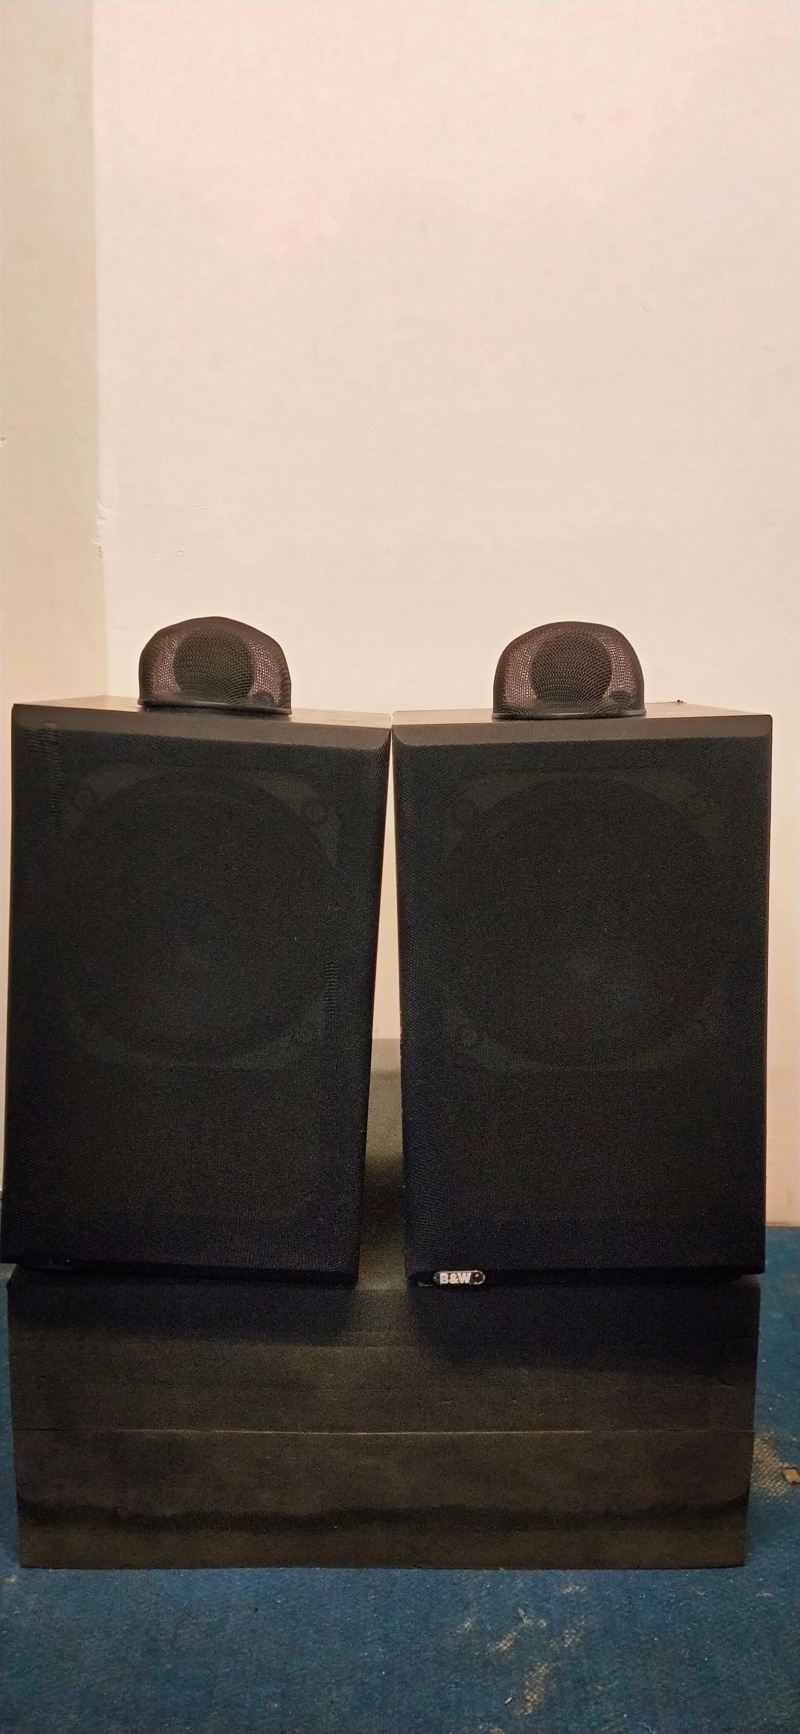 B&W DM-17 speaker  Img20234